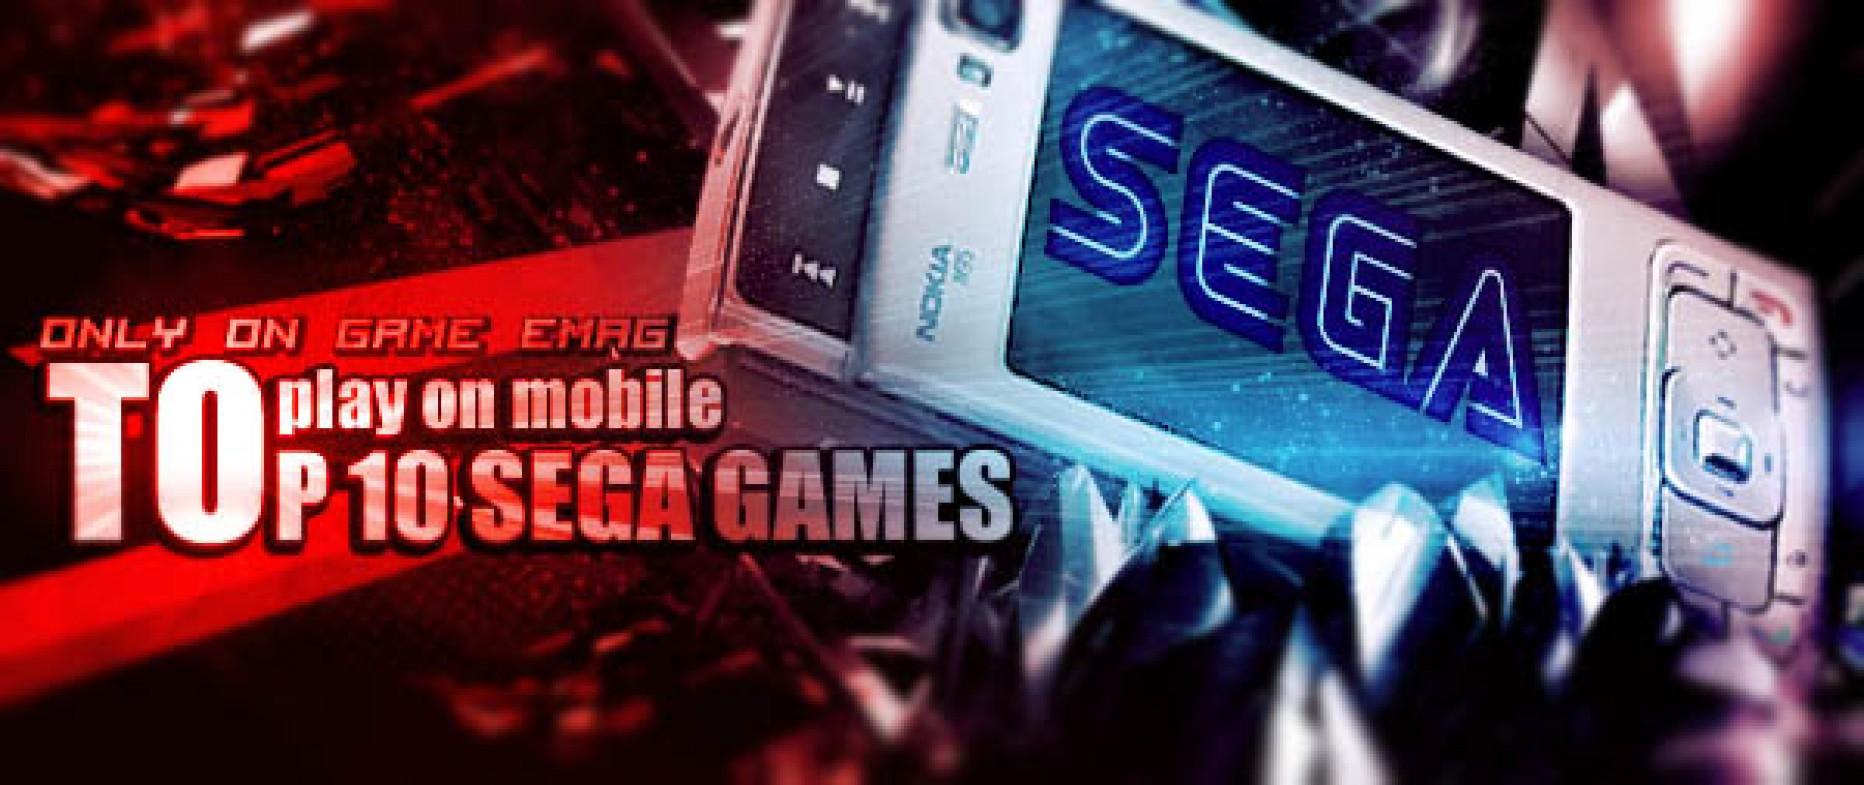 ۱۰ بازی برتر سگا، برای موبایل